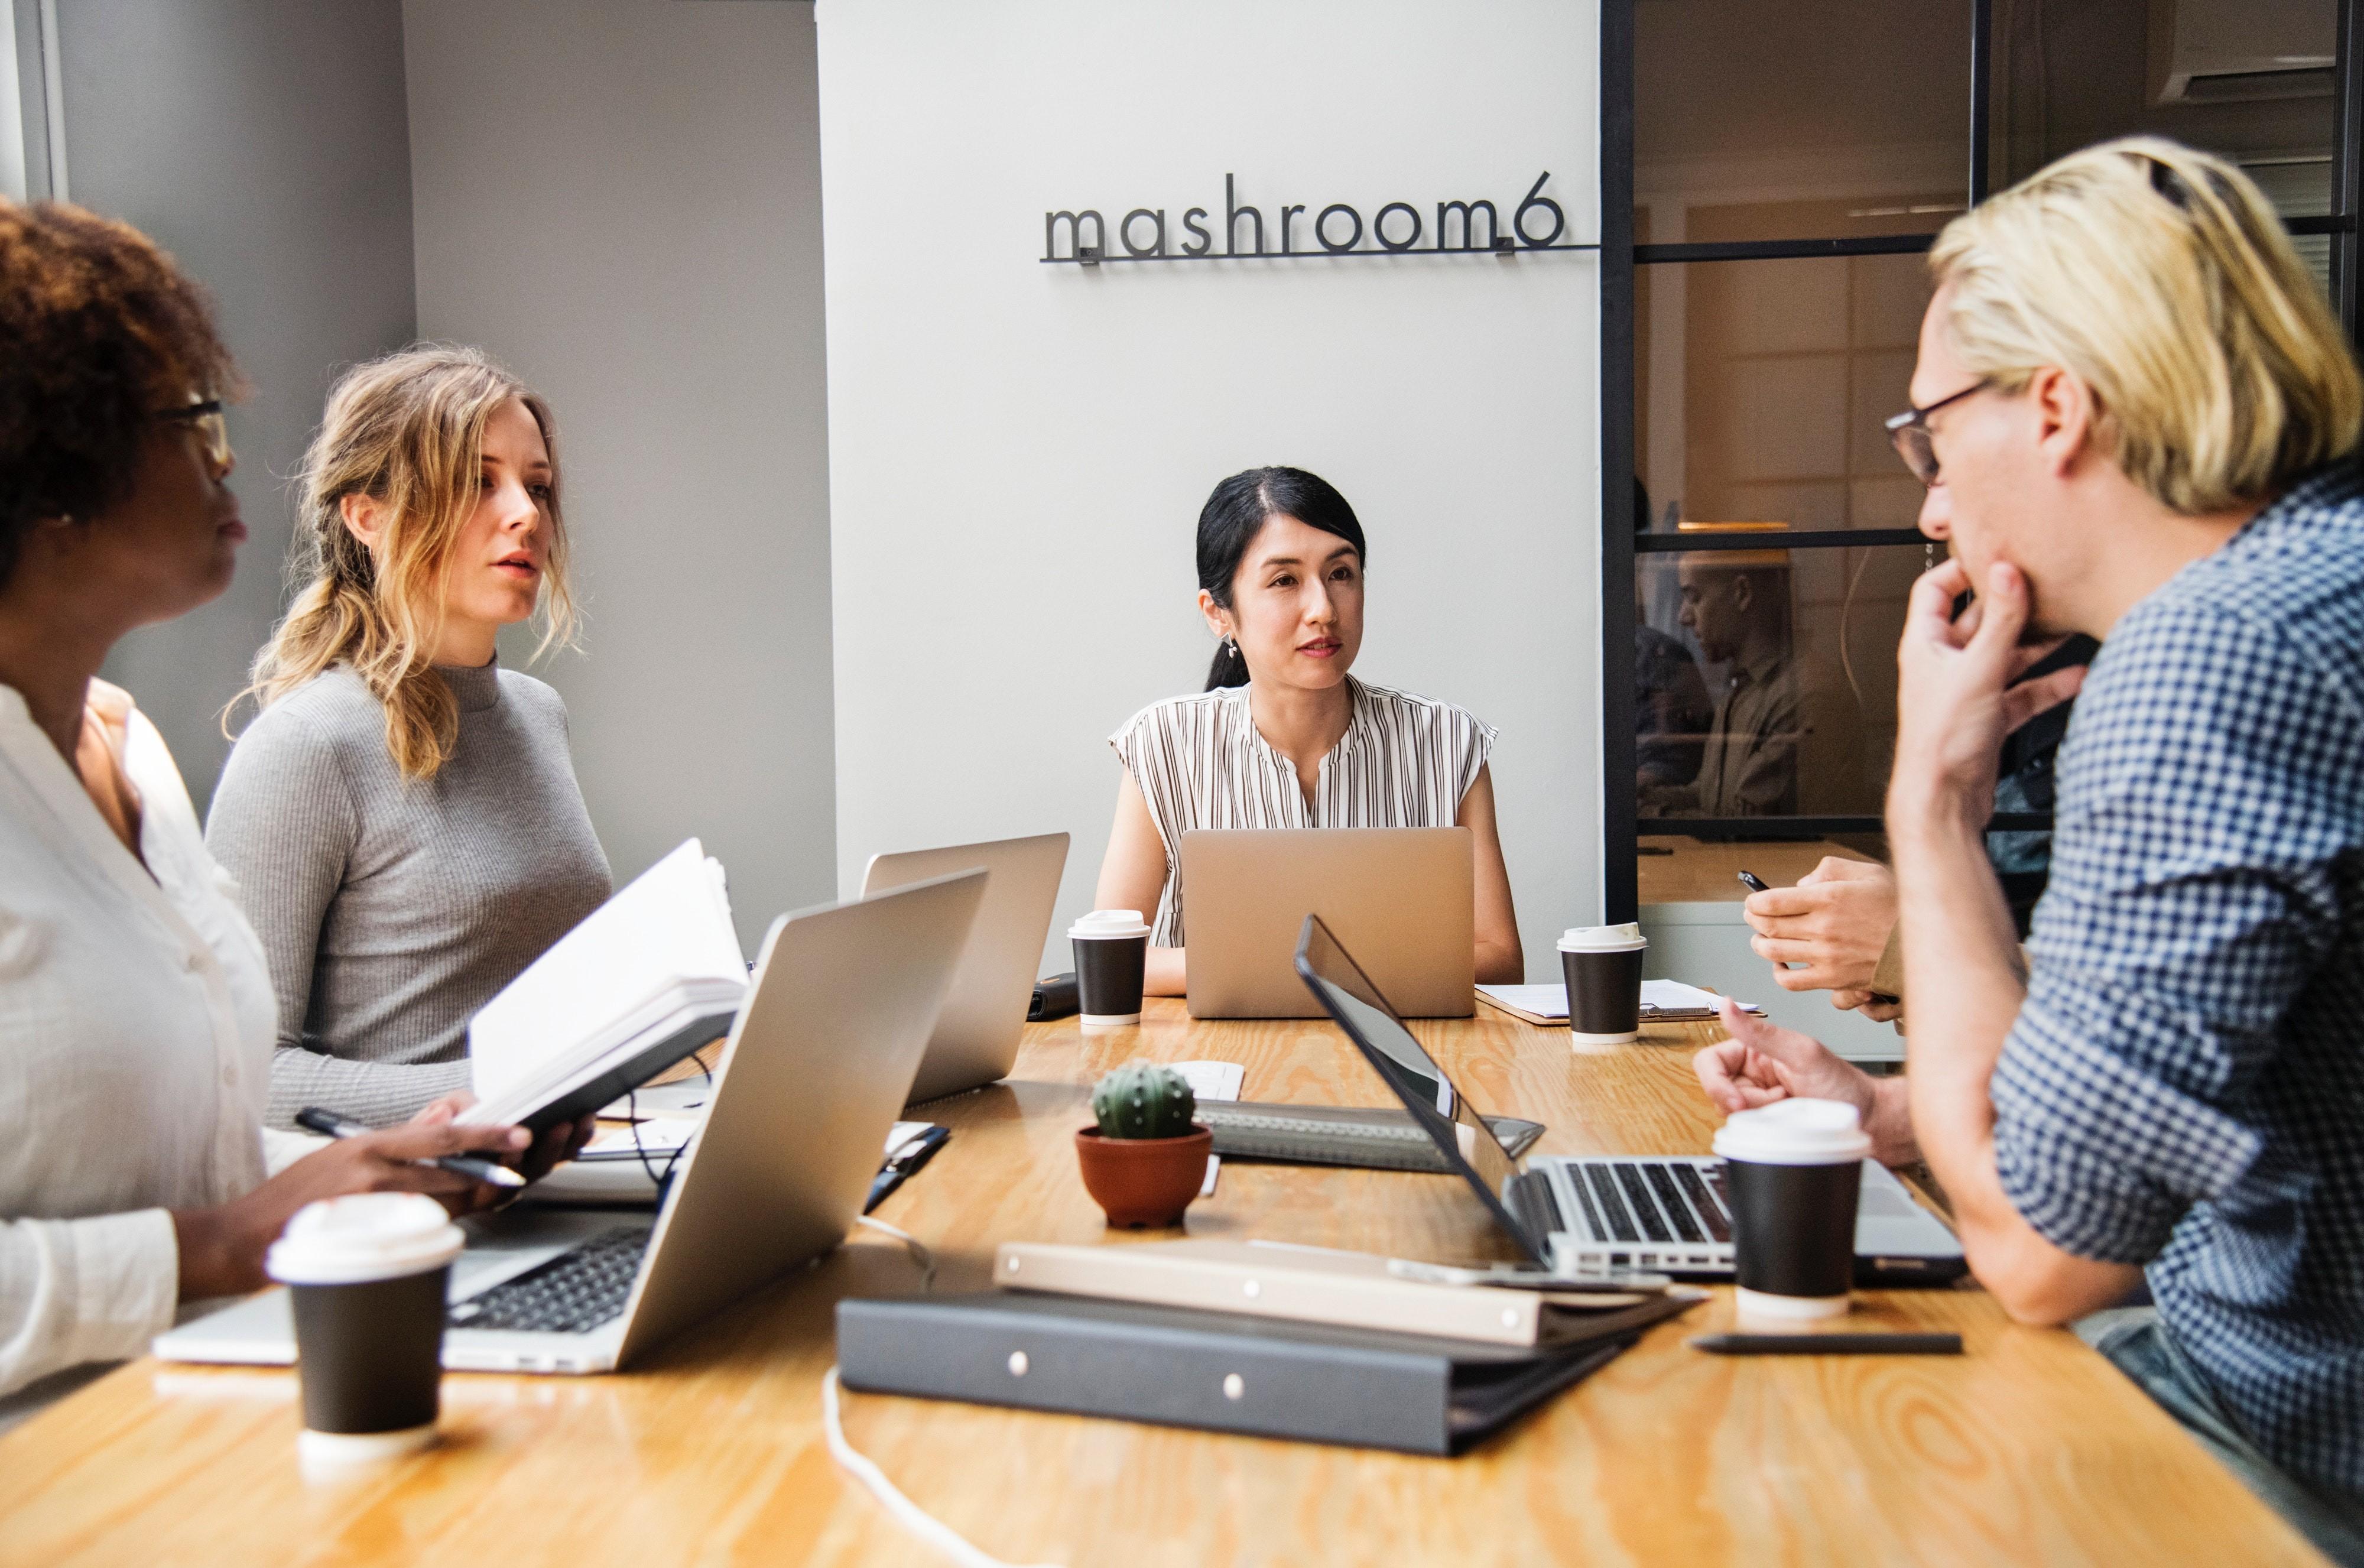 ▲開會,會議,主管,商業,辦公室,職場,工作。(圖/取自免費圖庫Pexels)